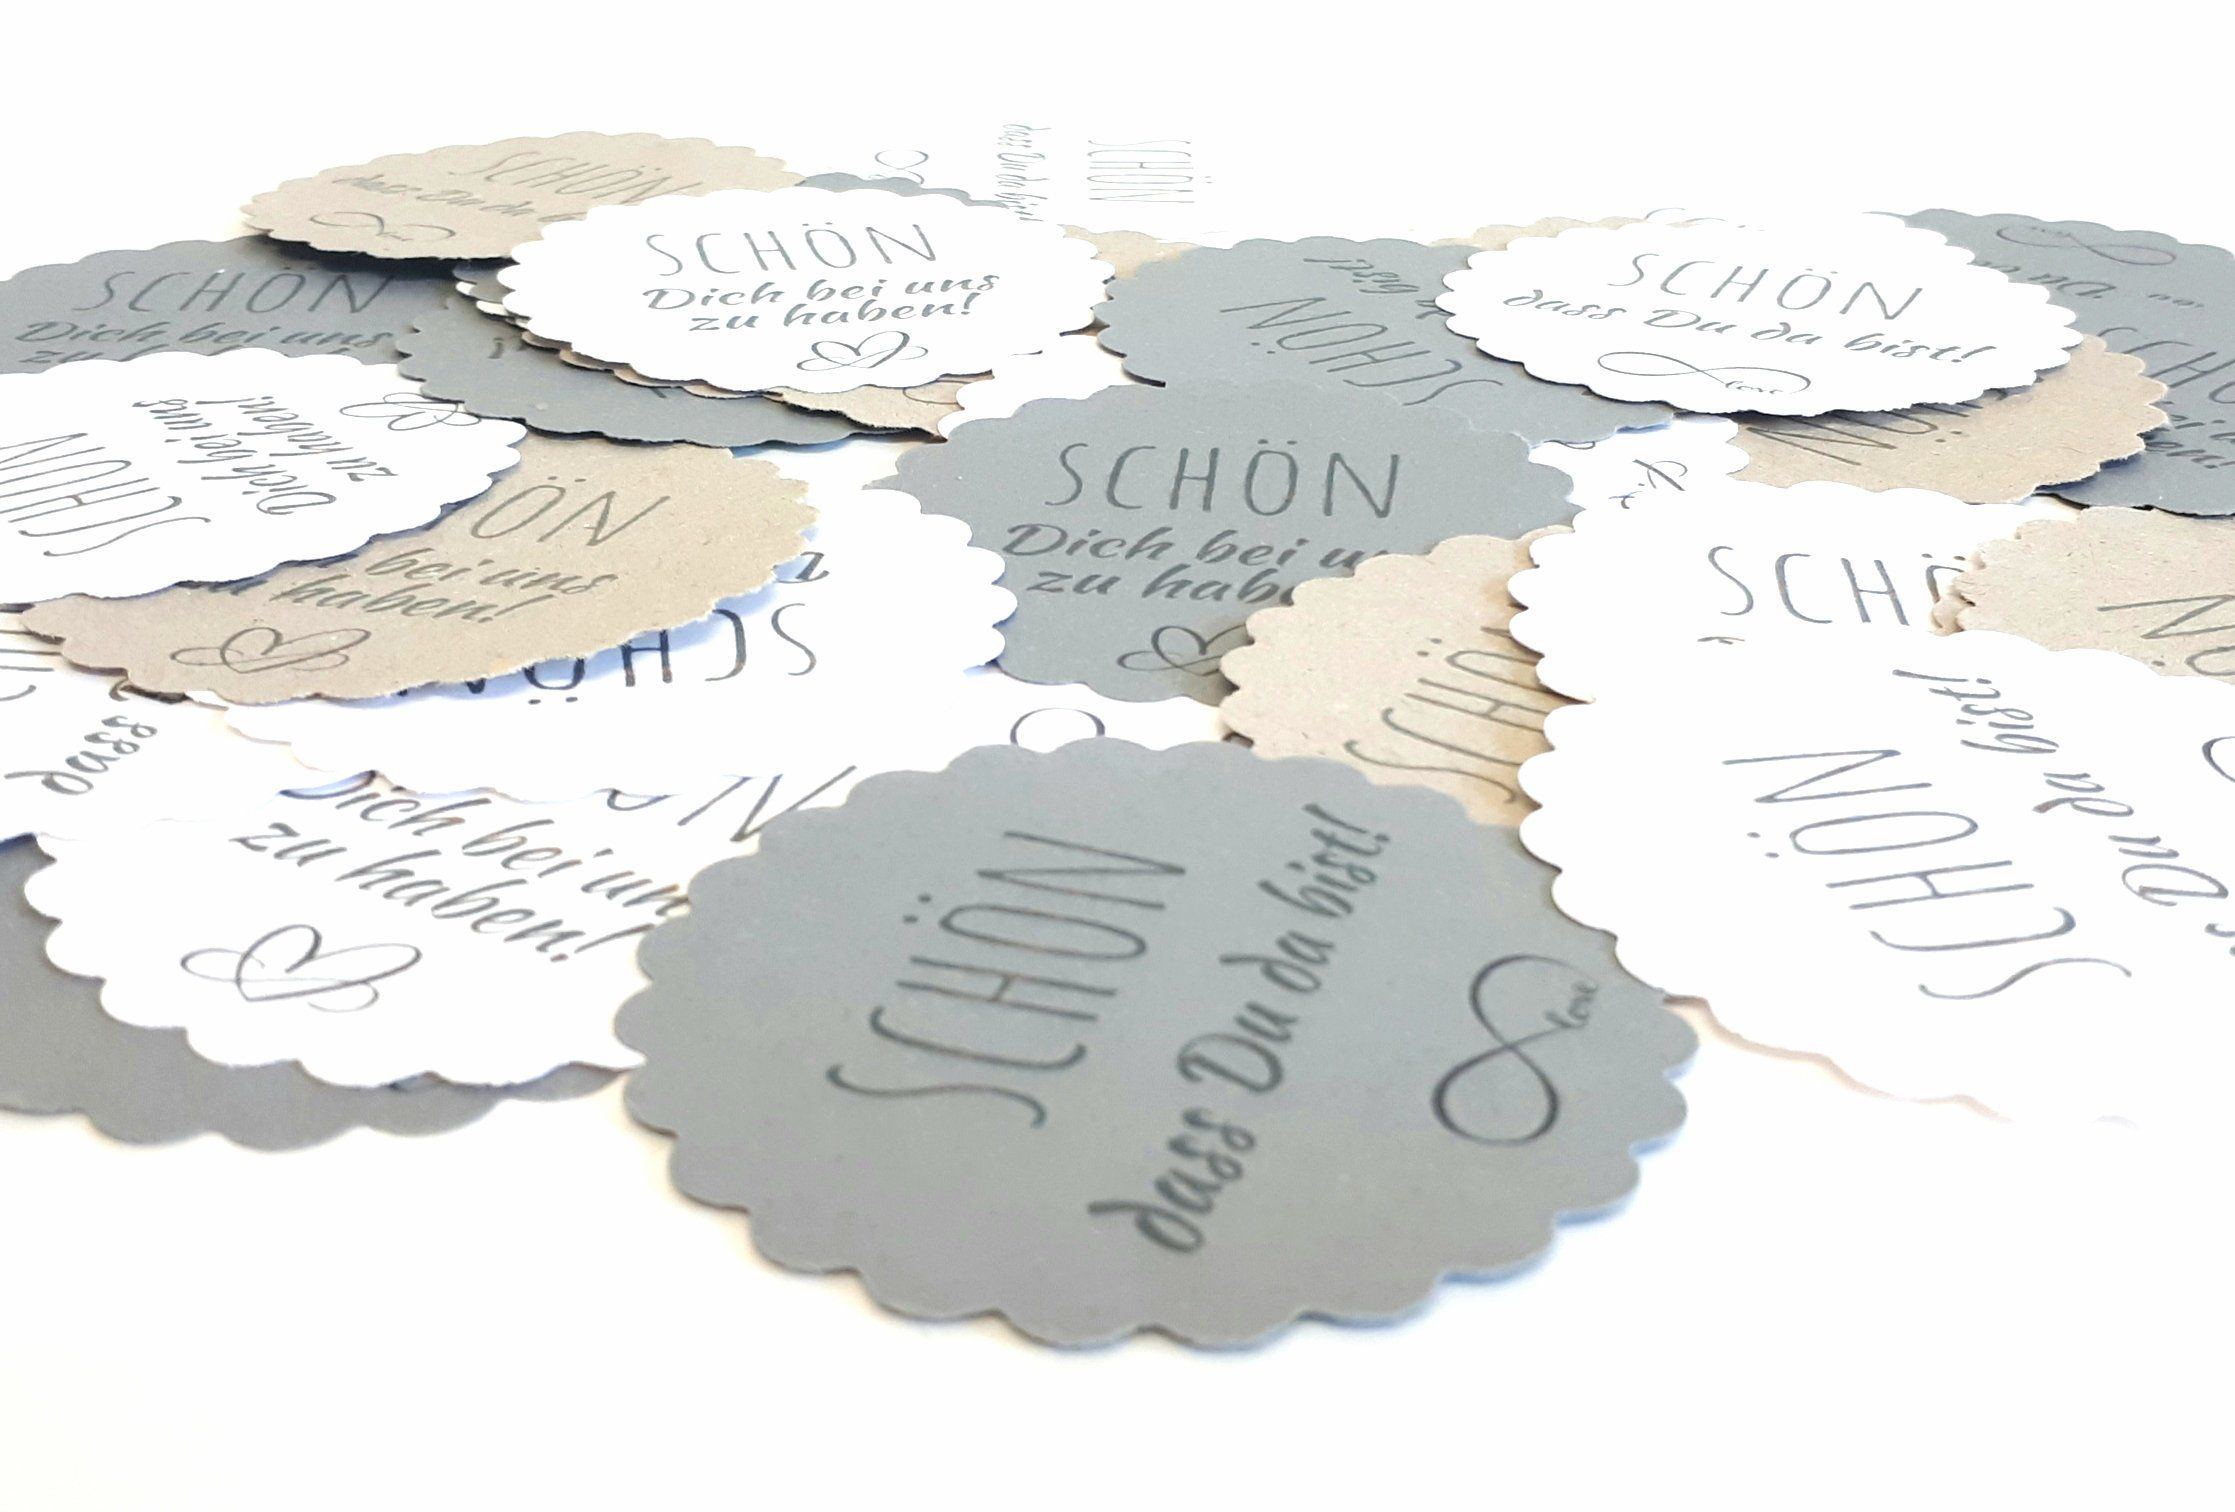 Geschenkeanhanger Etikett Tag Rund Schon Dich Bei Uns Zu Etsy Geschenke Stoffservietten Papiertuten